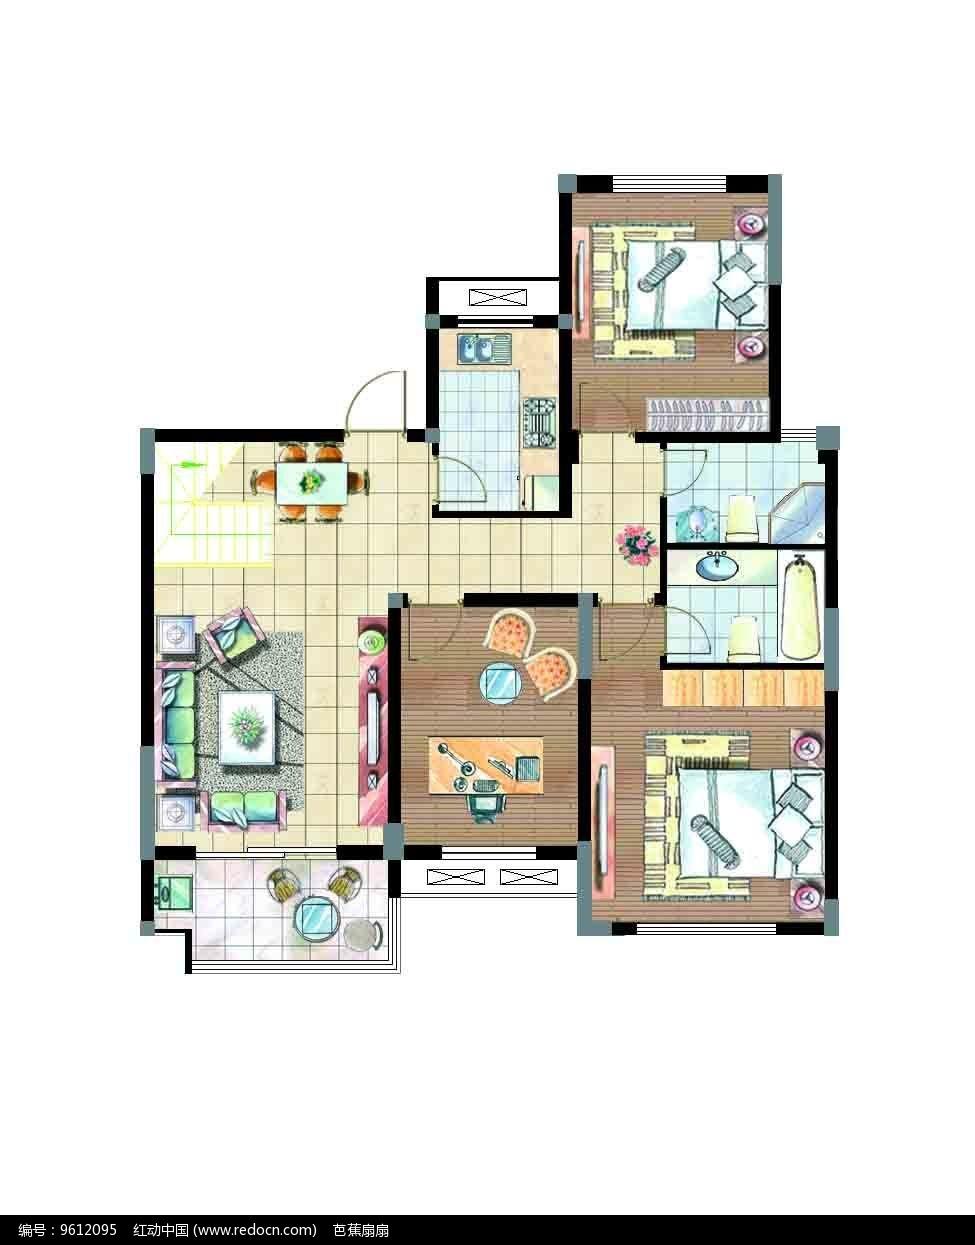 两室一厅平面户型图PSD素材免费下载 红动网